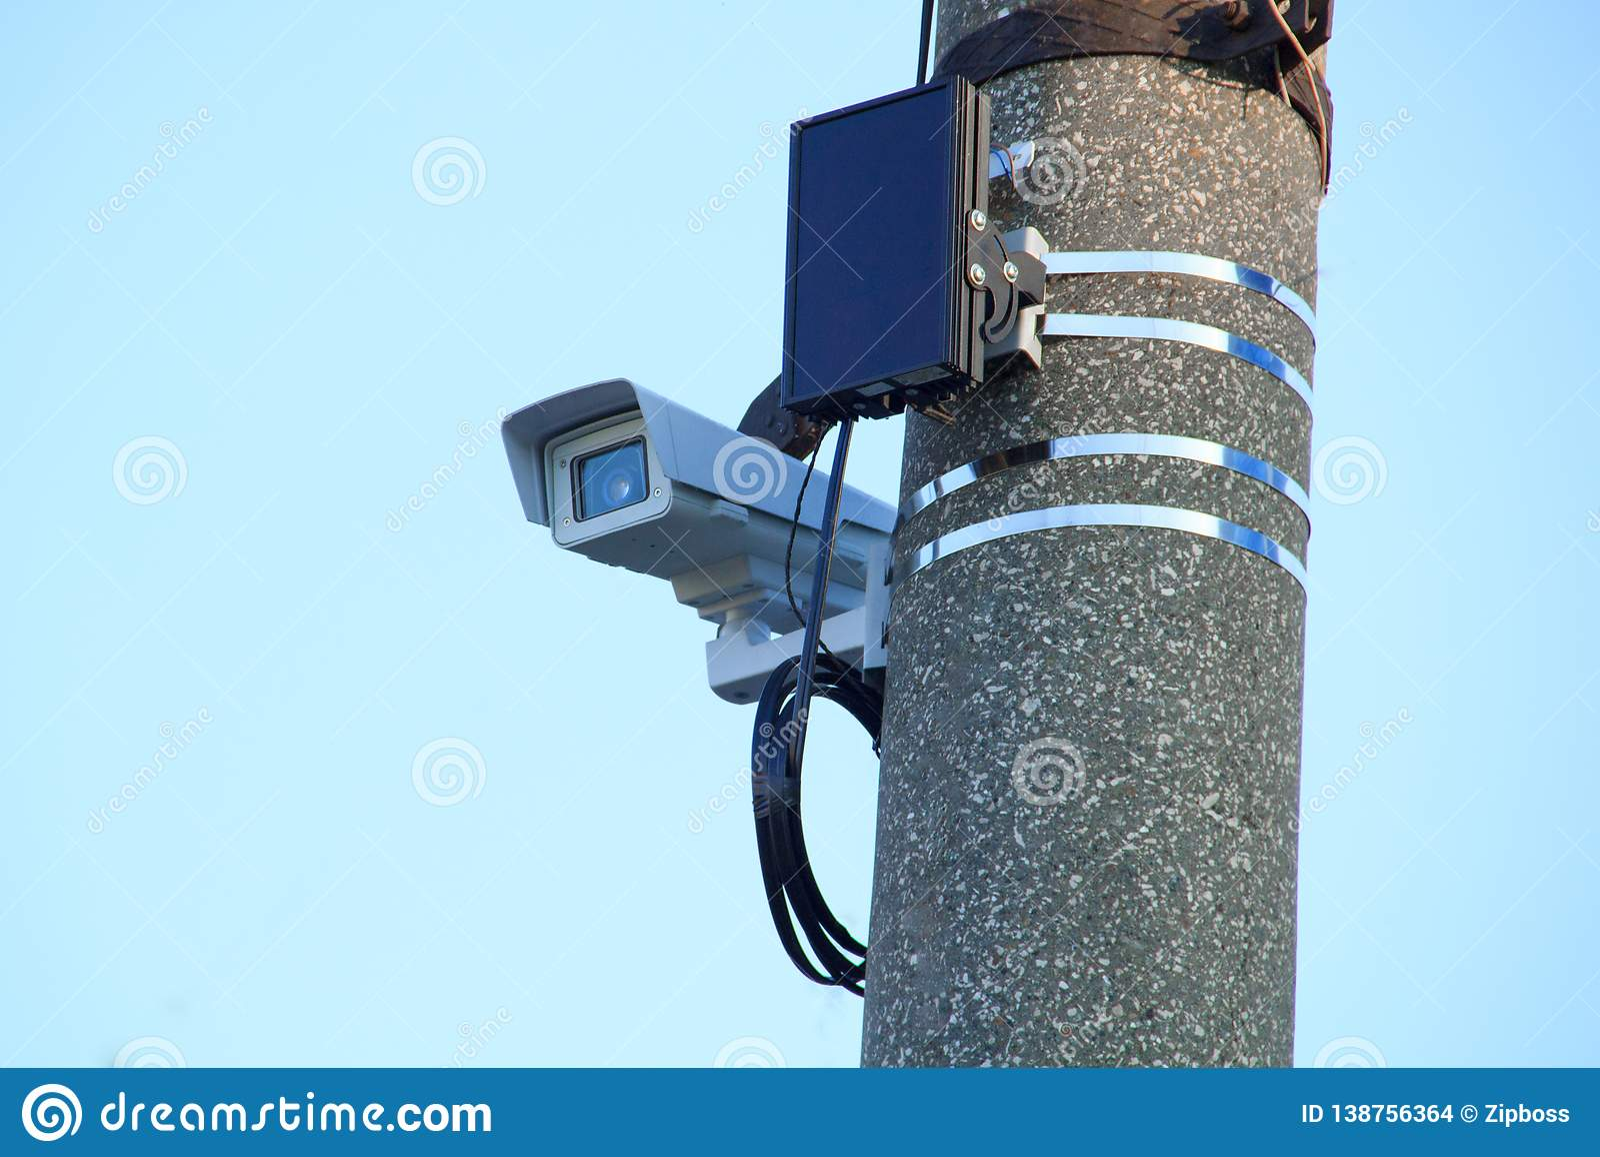 Видеокамера в загерметизированной термальной куртке на кронштейне зафиксирована на штендере конкретной дороги